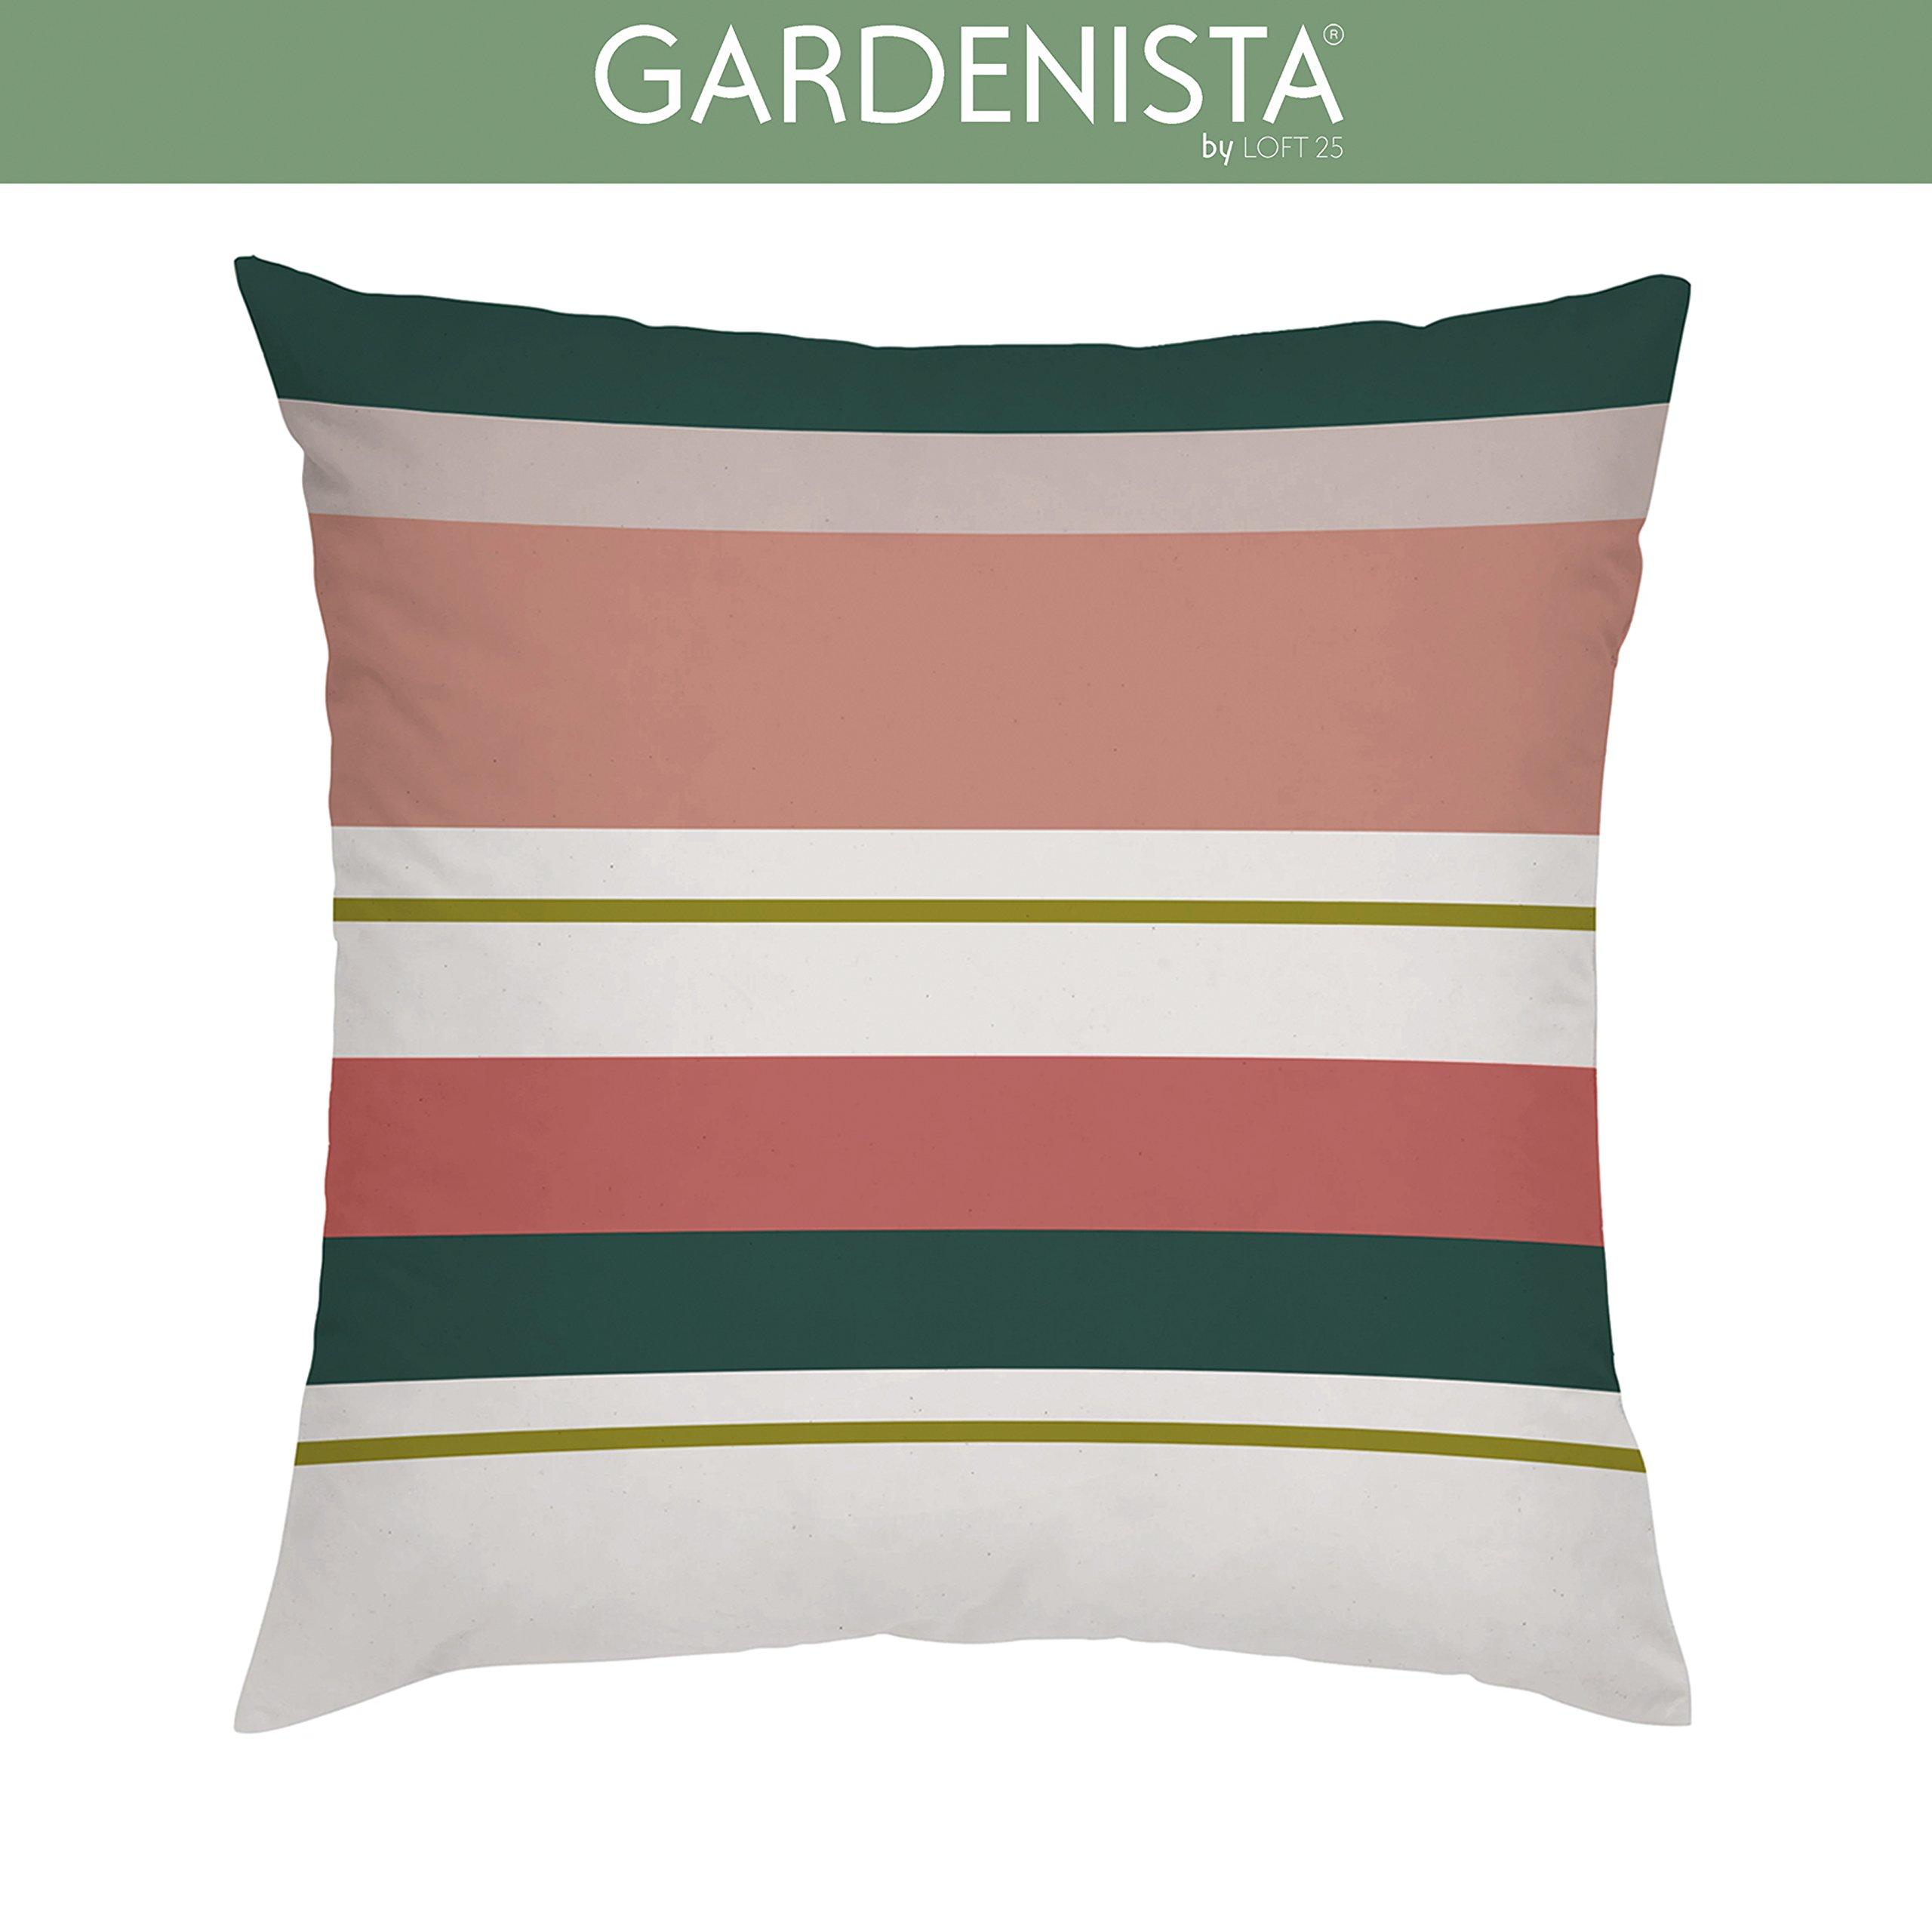 Waterproof 18 x 18 inch Outdoor Cushion Covers Garden Zipped Square 45 x 45 cm